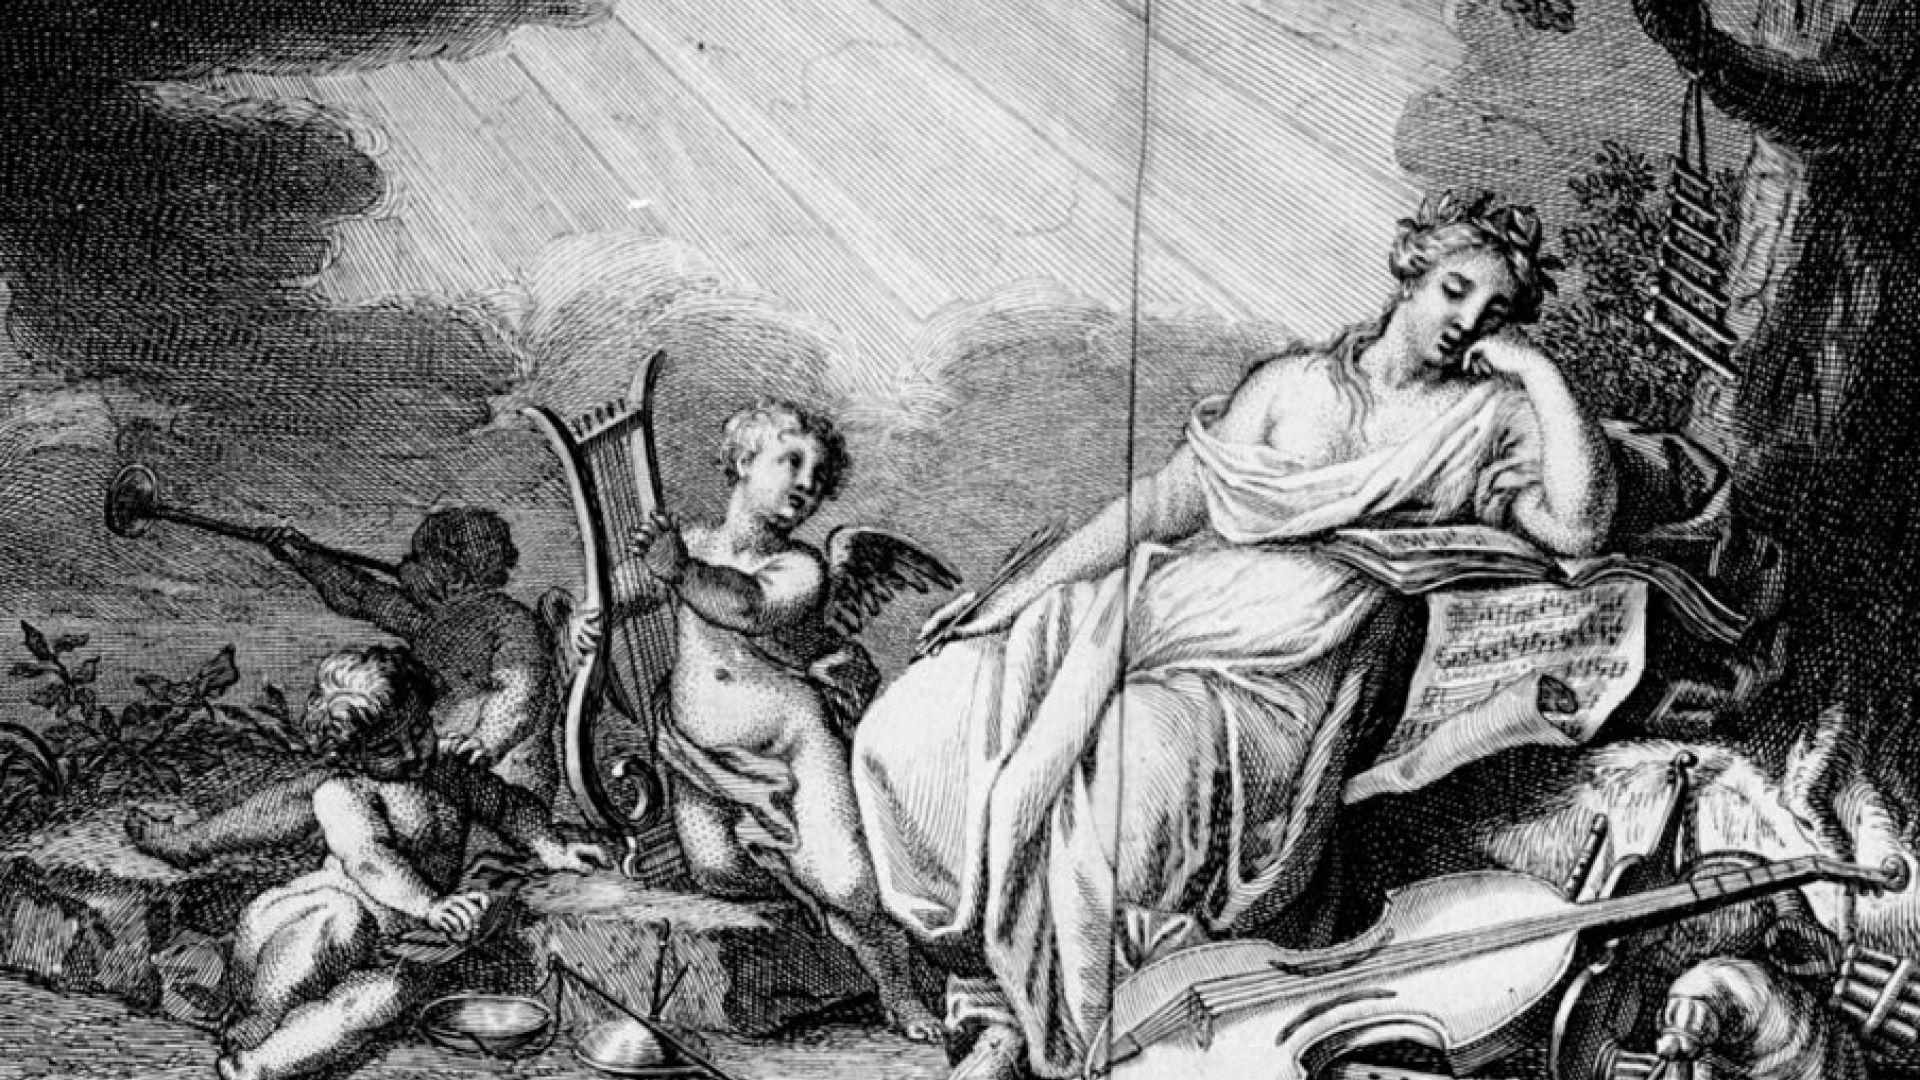 La cantate en France au XVIIIe siècle, projet de recherche du CMBV - bis